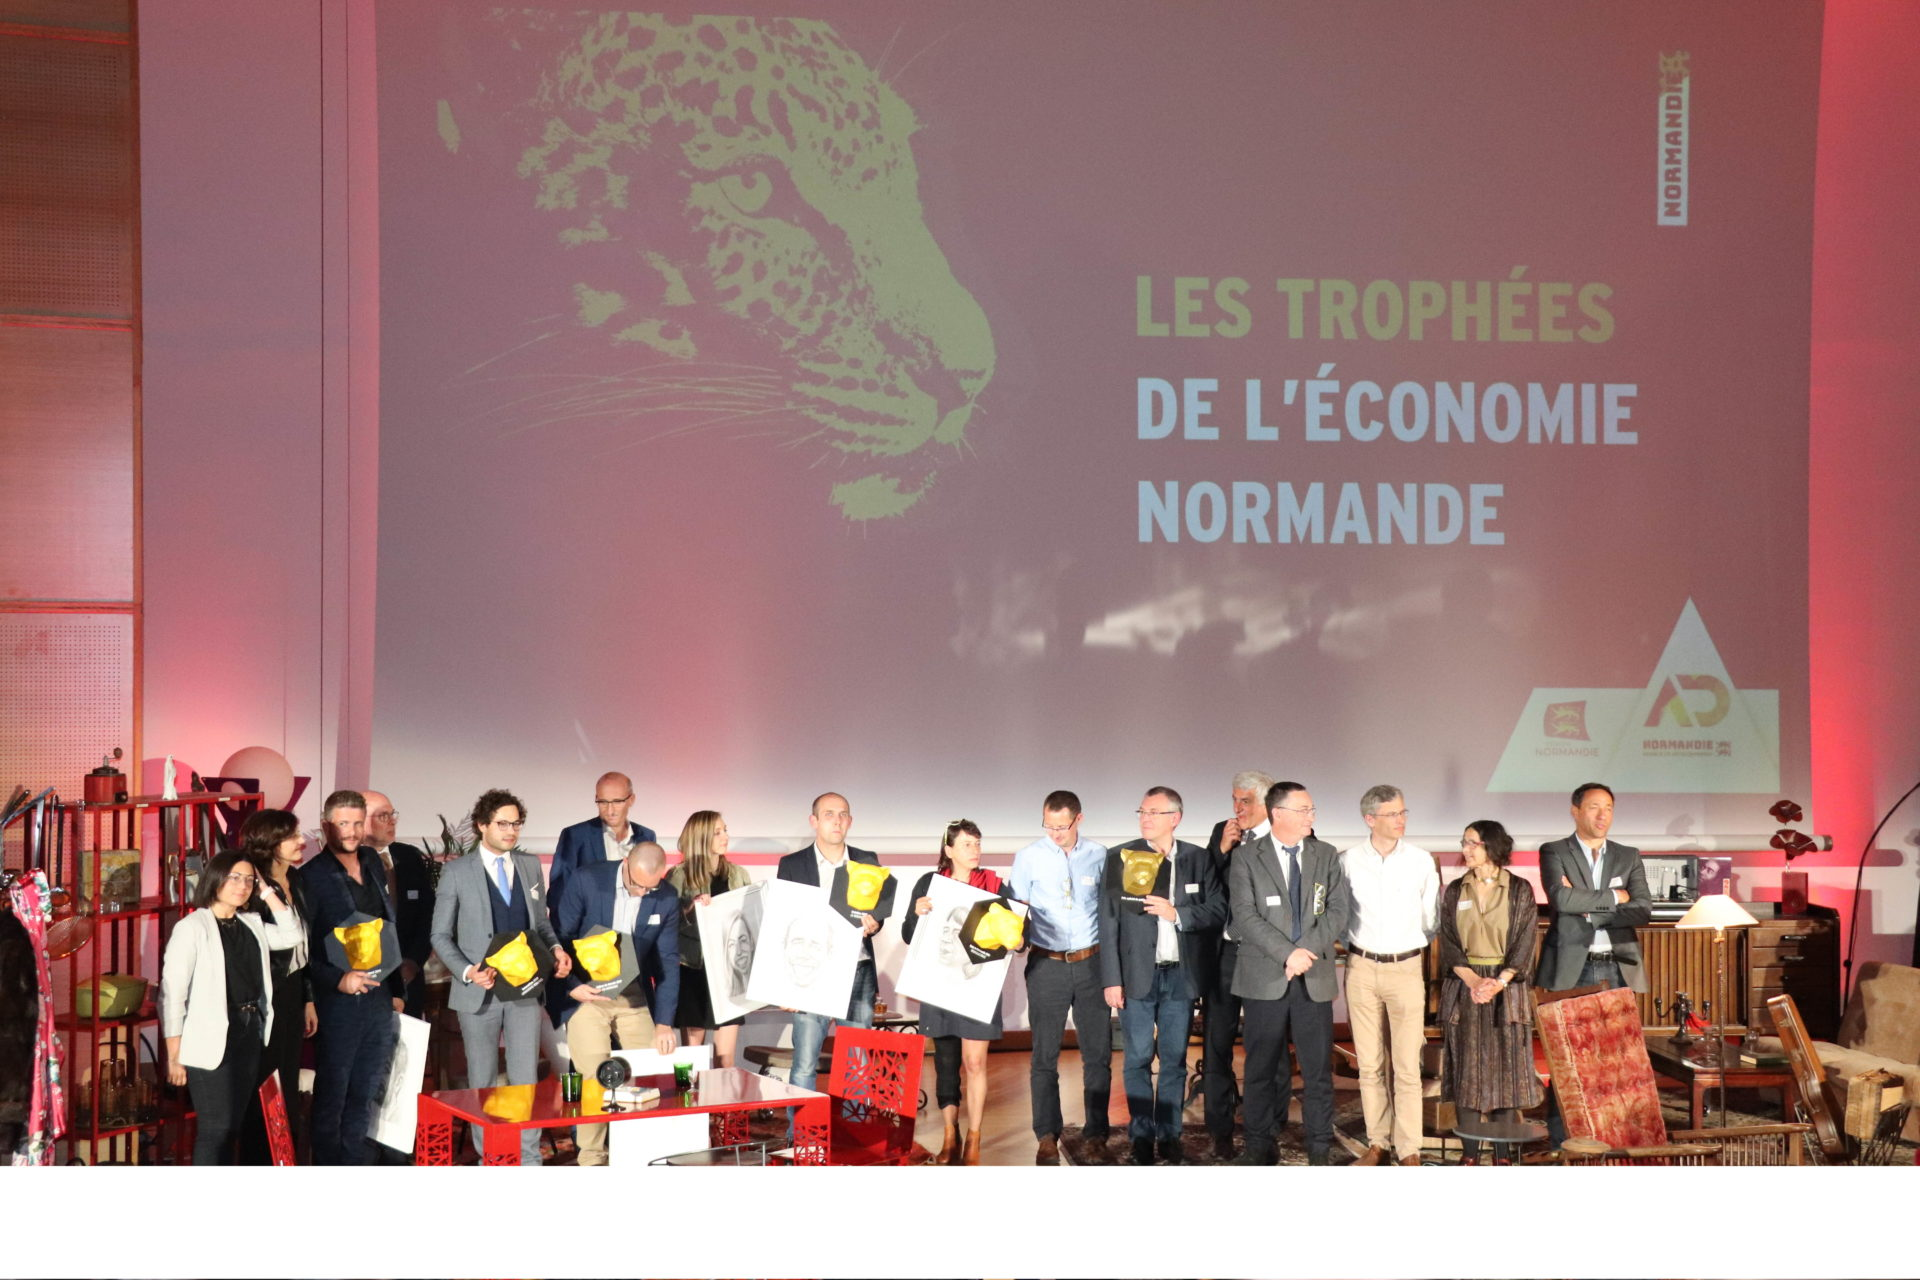 3ème édition des Trophées de l'Economie : découvrez les lauréats !